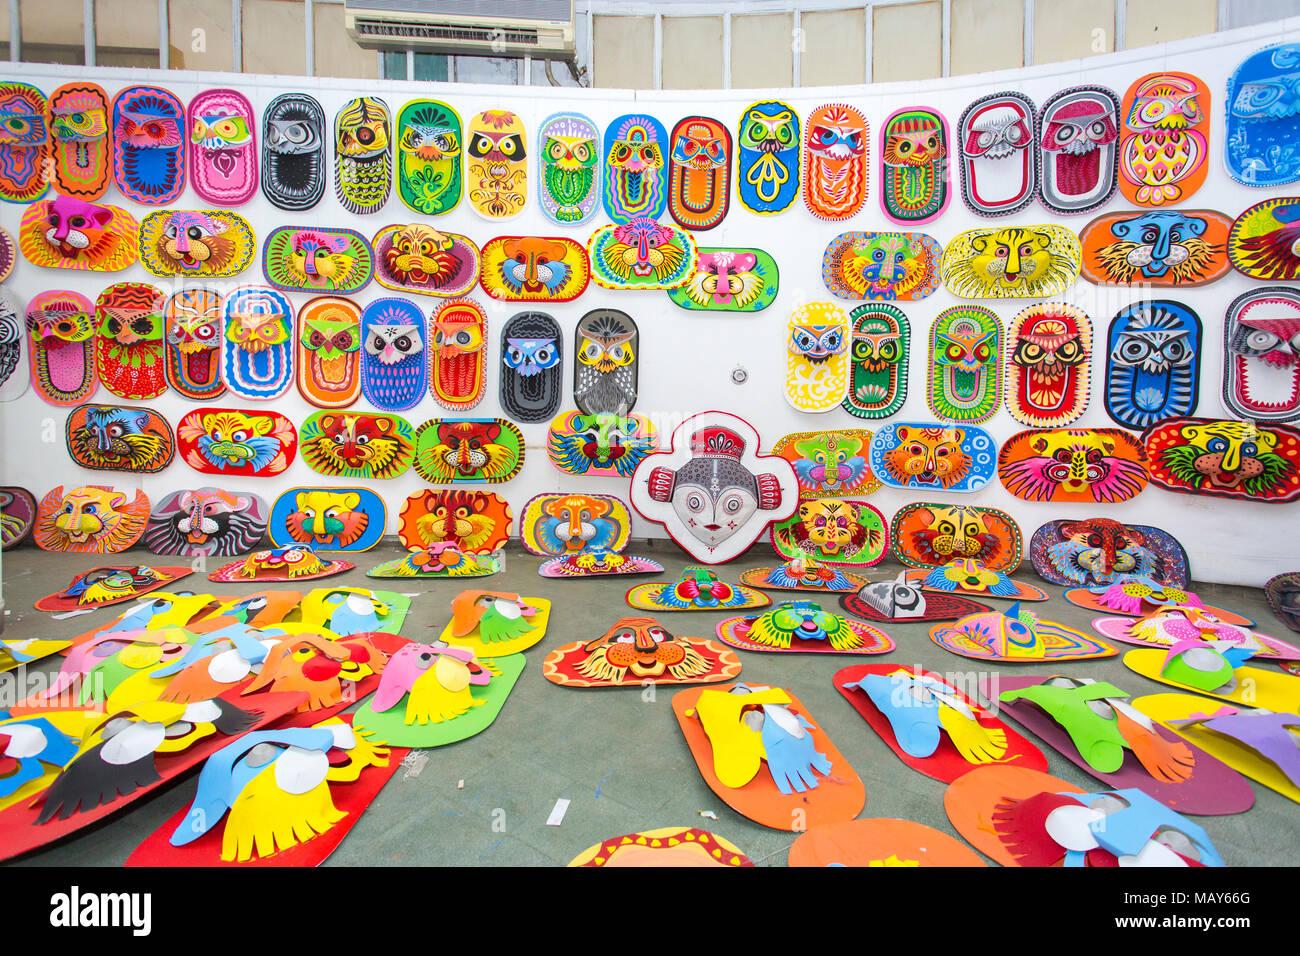 Bengali New Year 1425 Stock Photos & Bengali New Year 1425